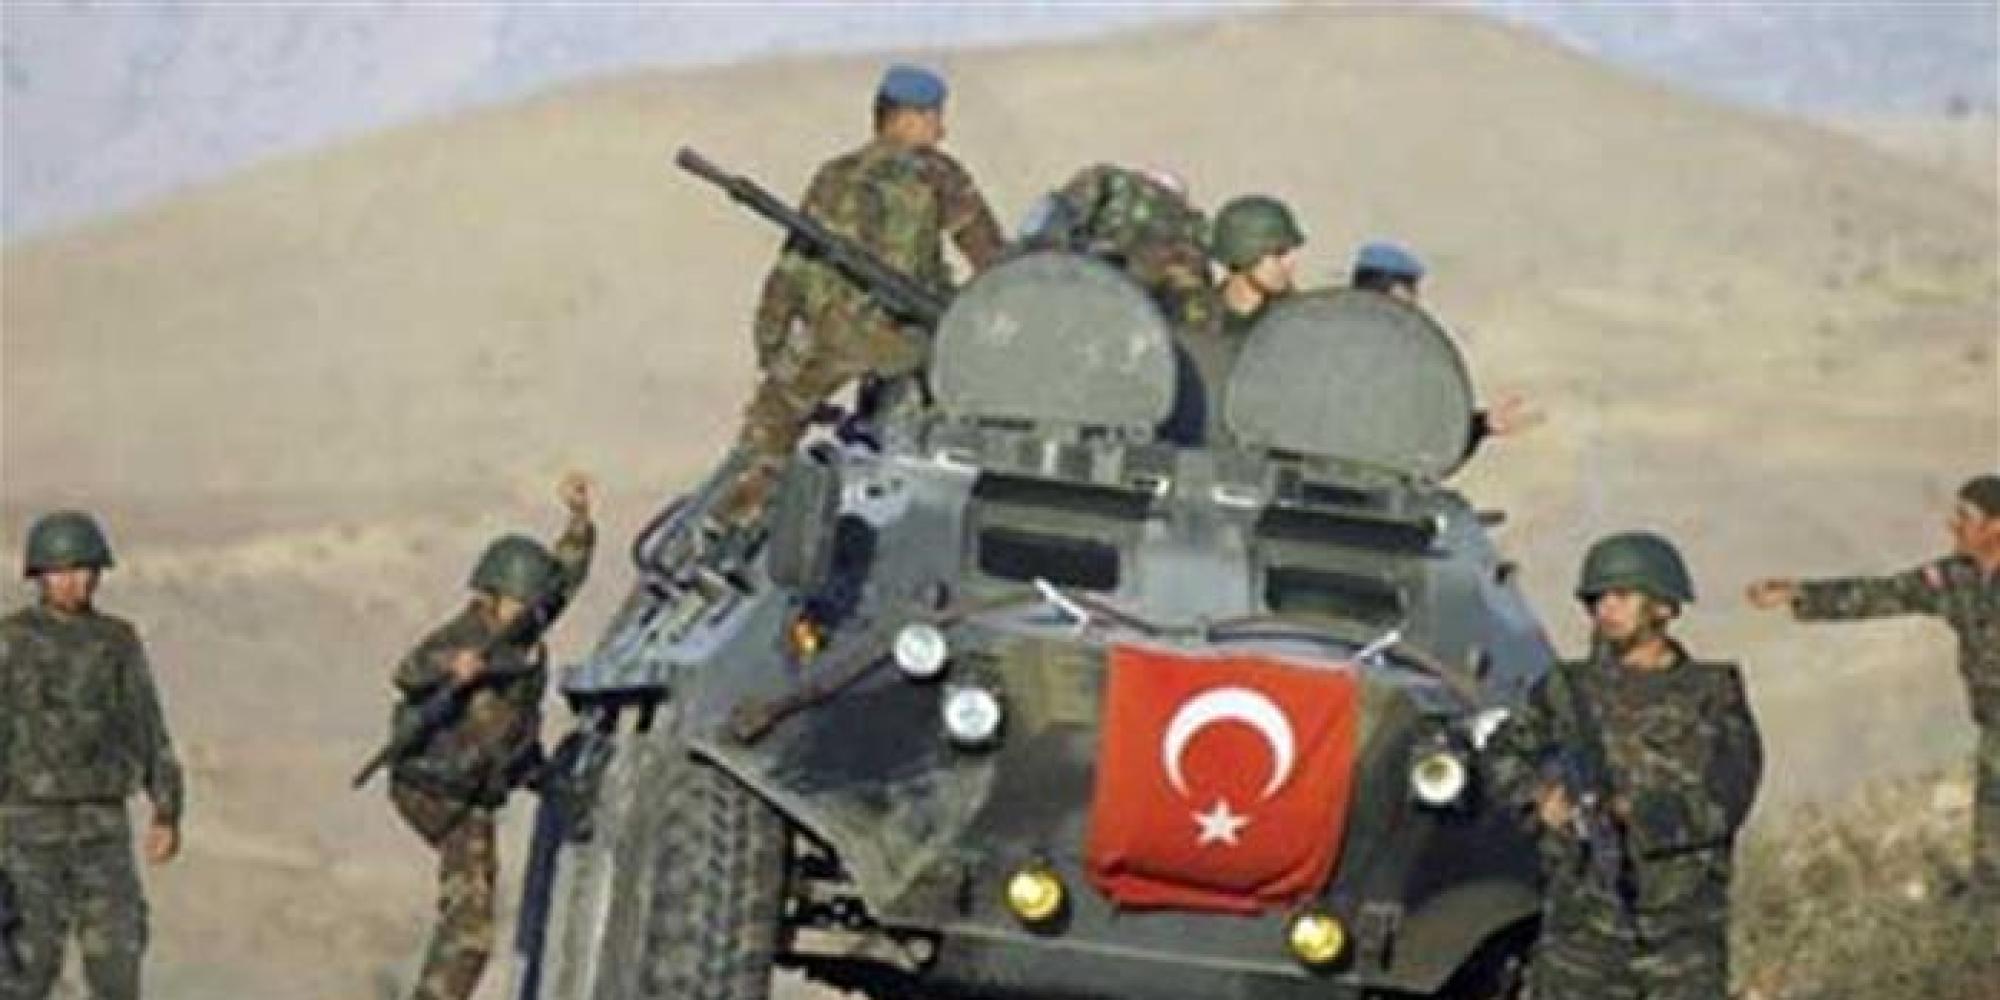 العراق يدعو لاجتماع طارئ لمجلس الأمن لبحث الوجود العسكري التركي